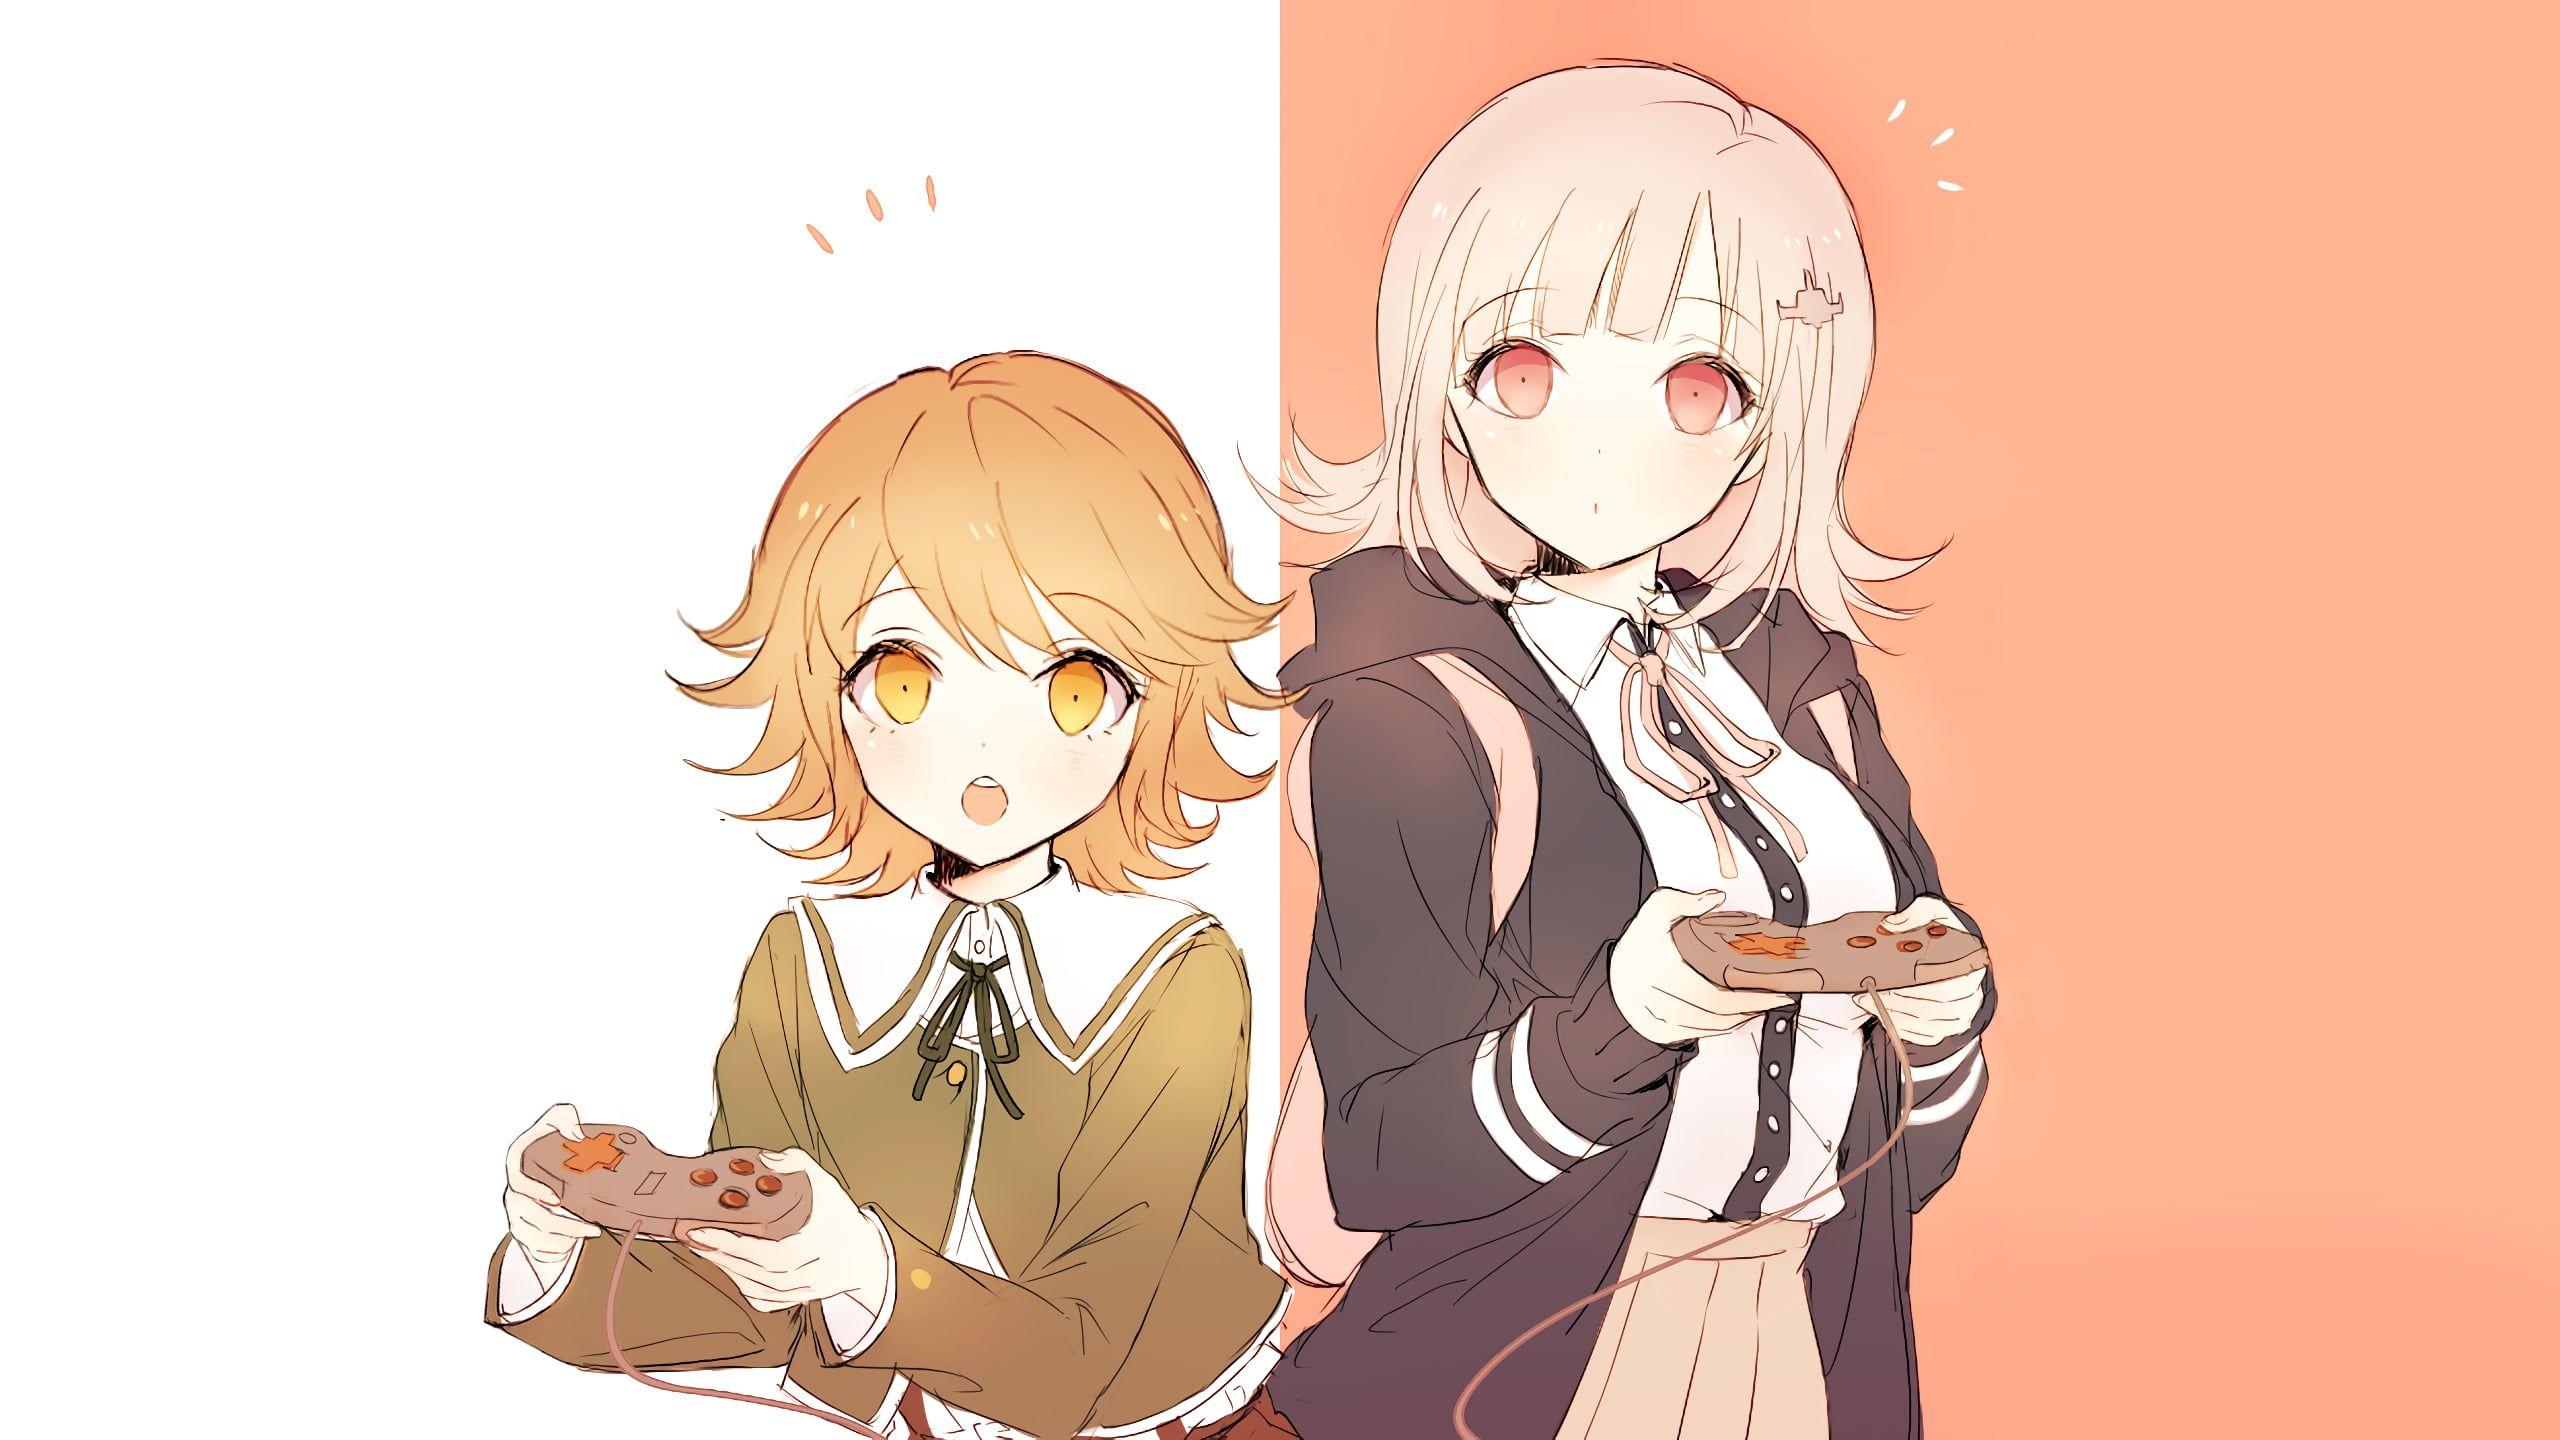 Danganronpa Chiaki Nanami Chihiro Fujisaki 2k Wallpaper Hdwallpaper Desktop Danganronpa Blonde Anime Characters Nanami